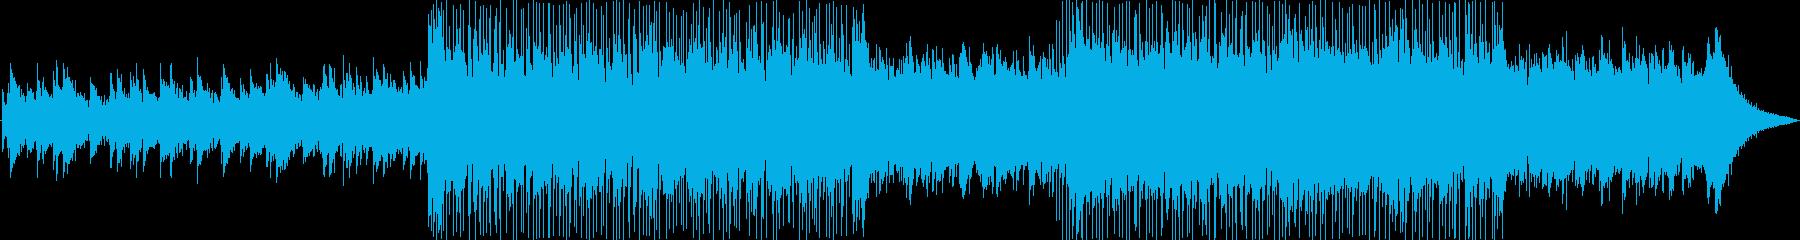 まったりしたおしゃれなメロディーの再生済みの波形